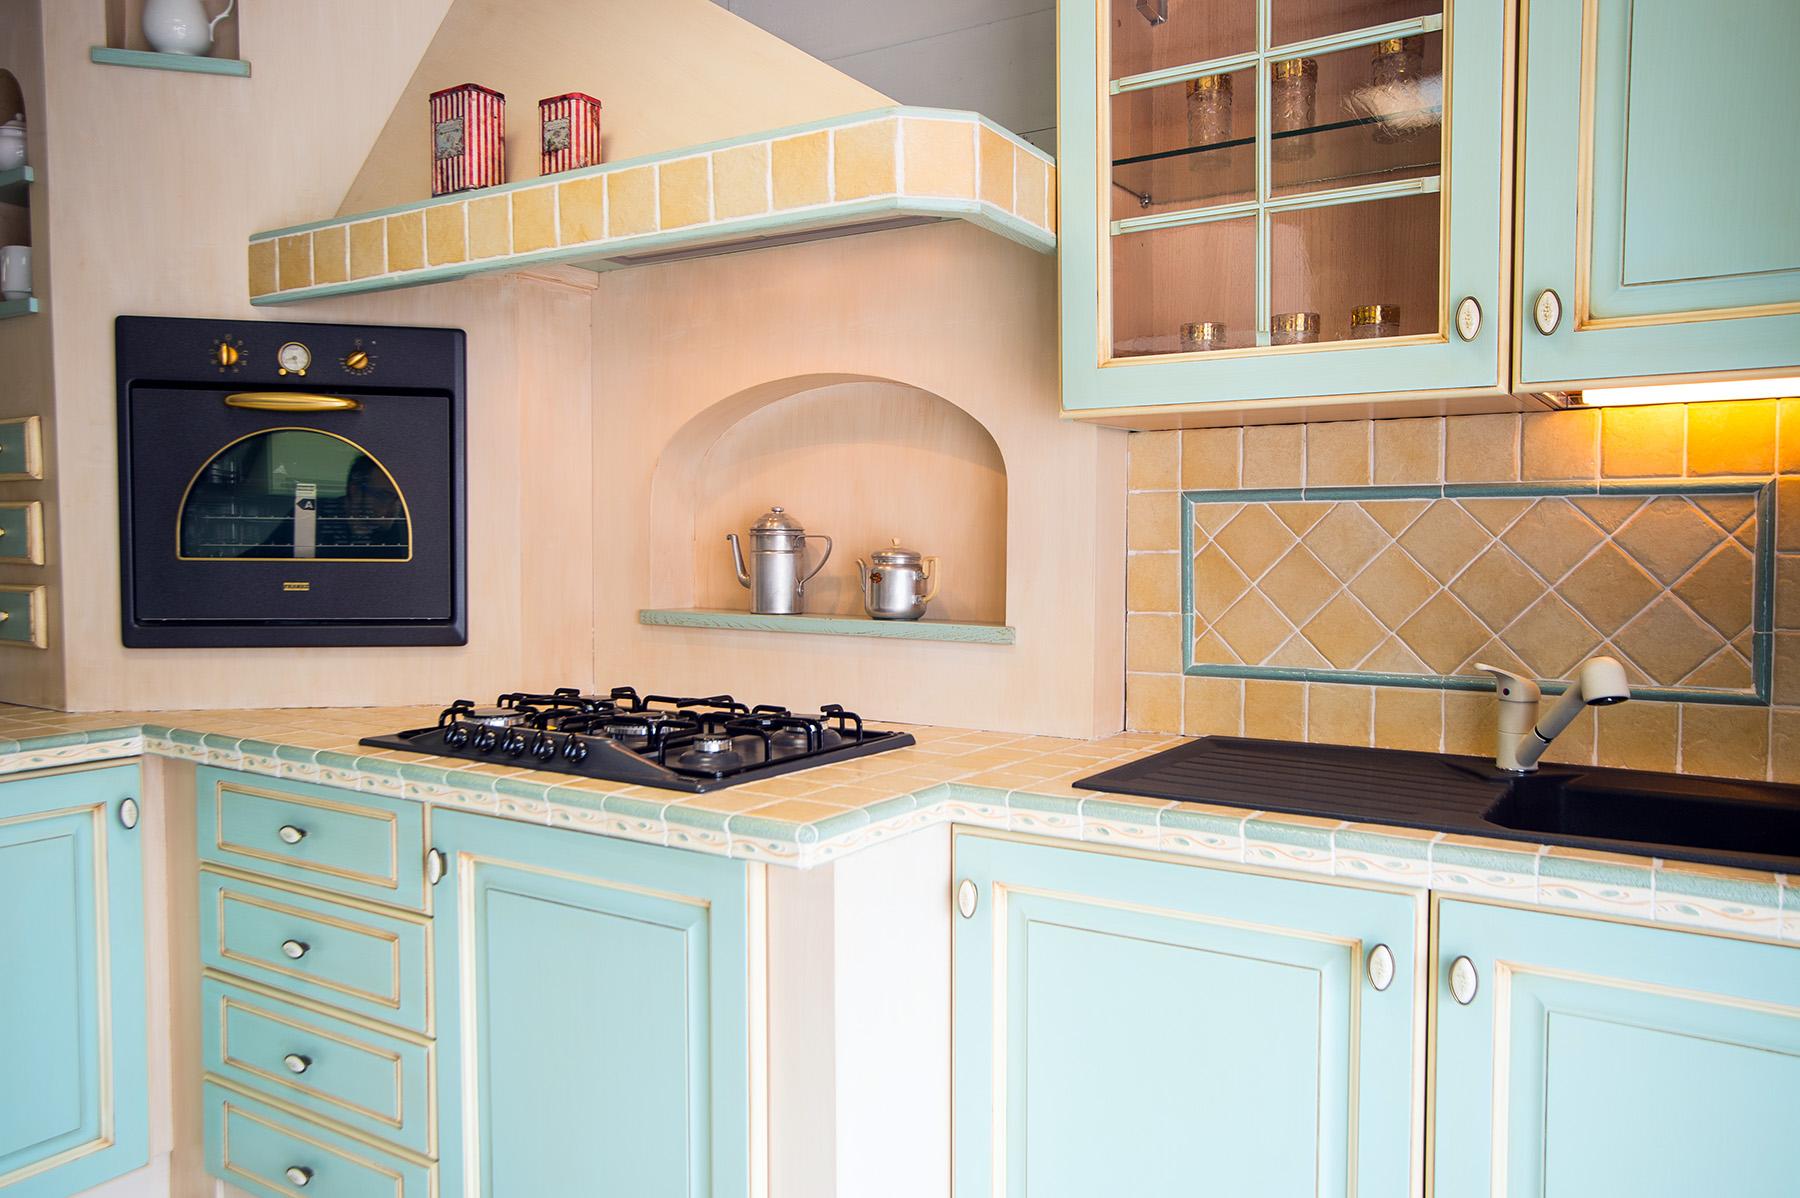 arredamento-cucina-mantova-modena-bologna-6